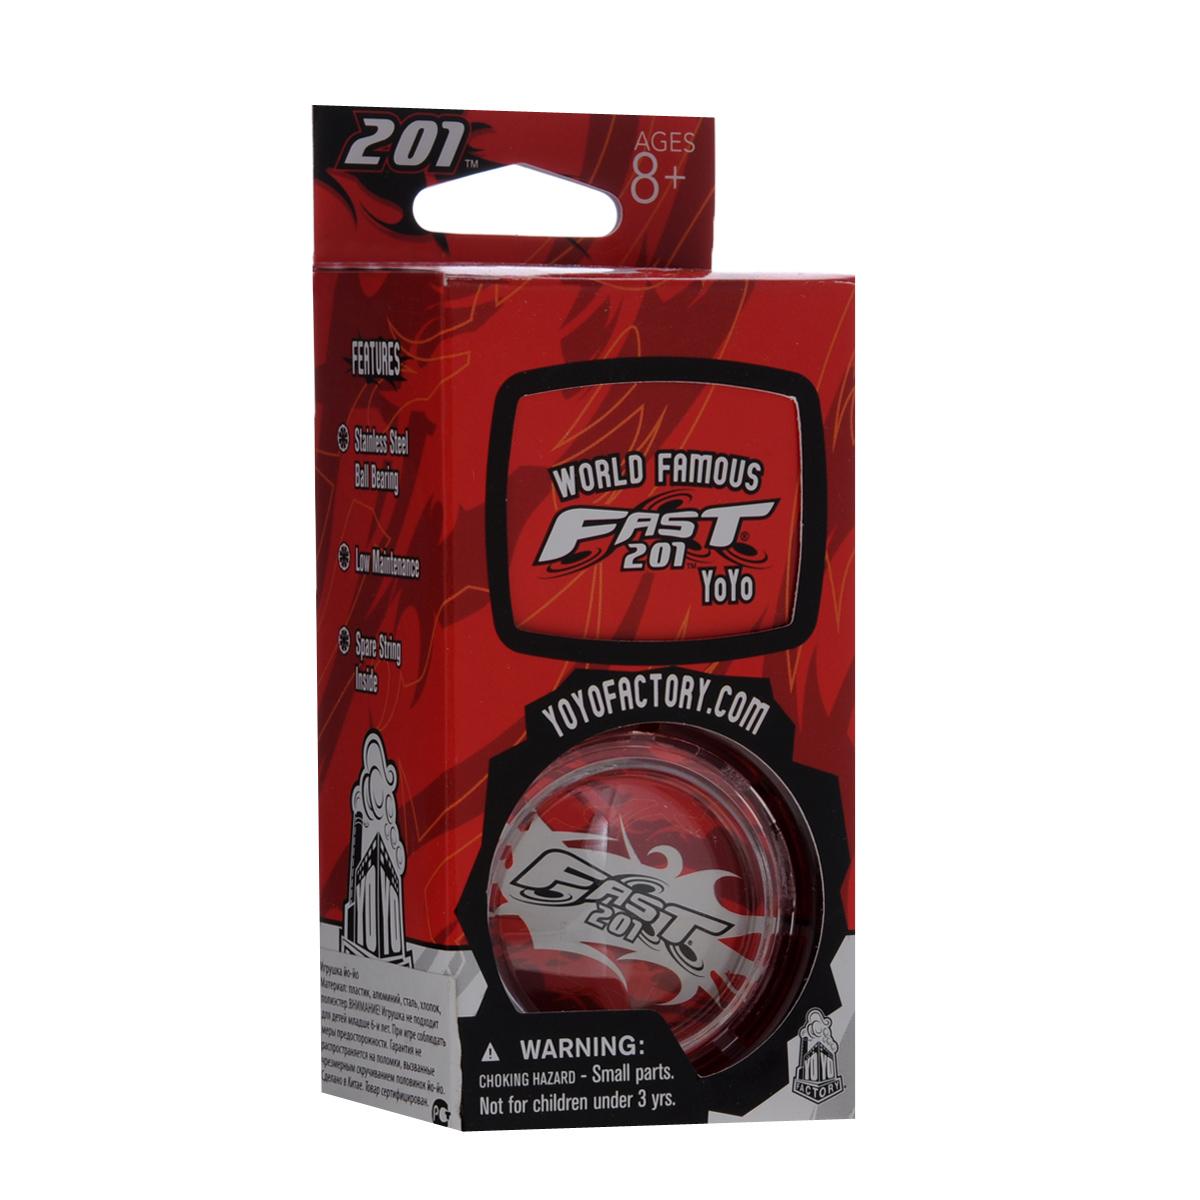 Йо-йо YoYoFactory F.A.S.T. 201, цвет: красныйFAST 201_красныйЙо-йо YoYoFactory F.A.S.T. 201 - это йо-йо с шариковым подшипником из нержавеющей стали и корпусом из прочного поликарбоната. Йо-йо позволяет регулировать его отклик в зависимости от вашего желания и умения делать трюки, подходит как для быстрой, так и для плавной, размеренной игры. На веревке сидит великолепно, а игра с ним одно удовольствие! Йо-йо - это игрушка, состоящая из двух симметричных половинок соединенных осью, к которой прикреплена веревка. Современный йо-йо значительно отличается от тех, к которым многие привыкли. Сейчас йо-йо - это такая же часть молодежной культуры как скейт, ВМХ или сноуборд. Йо-йо популярно во многих странах мира, таких как Россия, США и Япония. Ежегодно во всем мире проходят различные чемпионаты по игре с йо-йо, в том числе и Чемпионат России, в котором собираются лучшие игроки со всей страны. Товар сертифицирован. Рекомендовано детям старше трех лет.